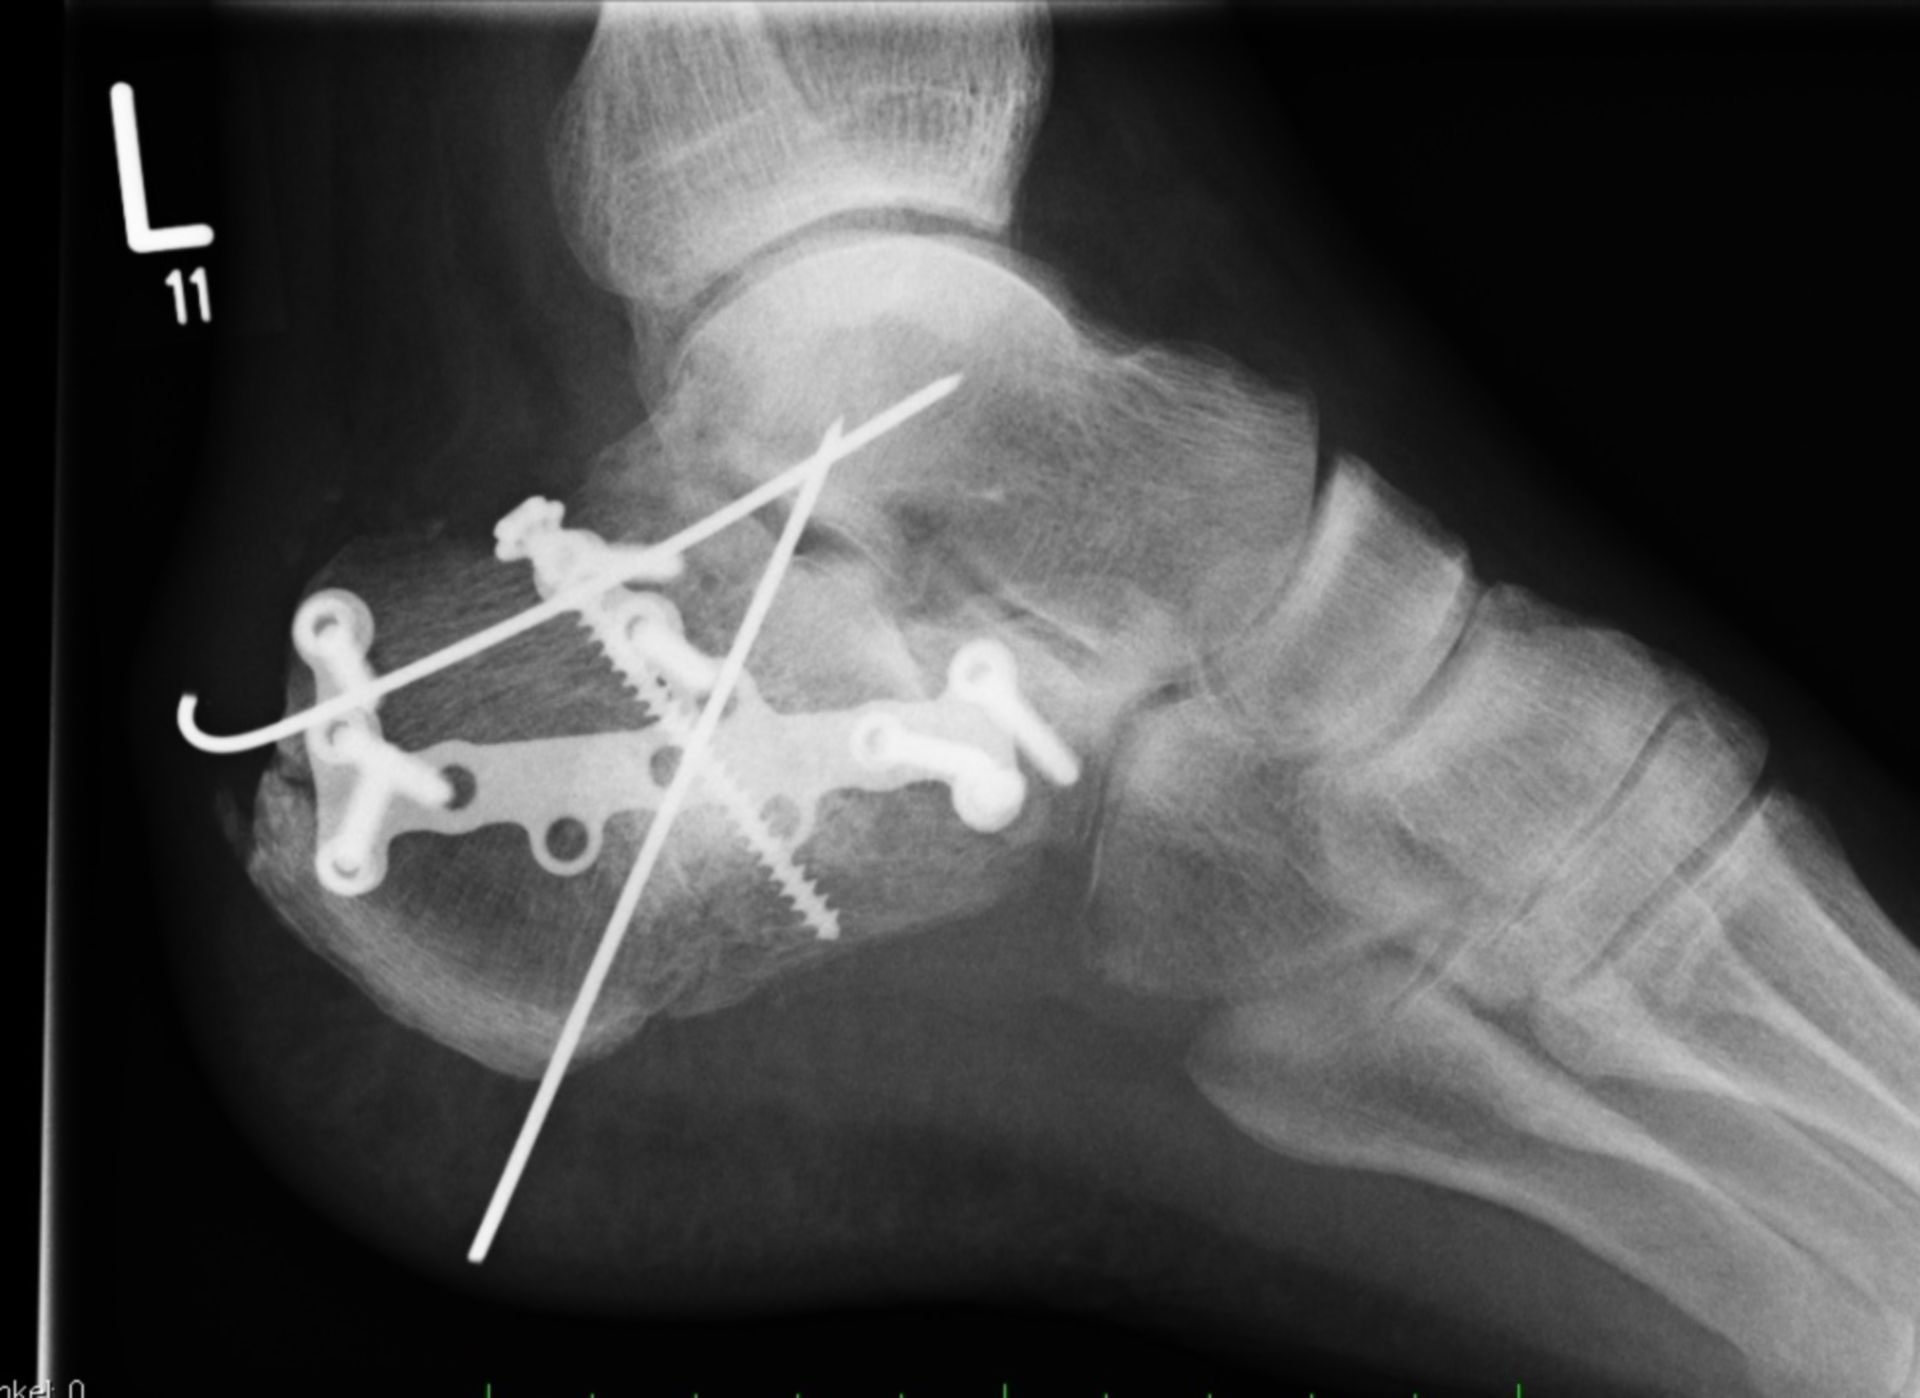 Fractura del calcáneo, pie izquierdo - Osteosíntesis